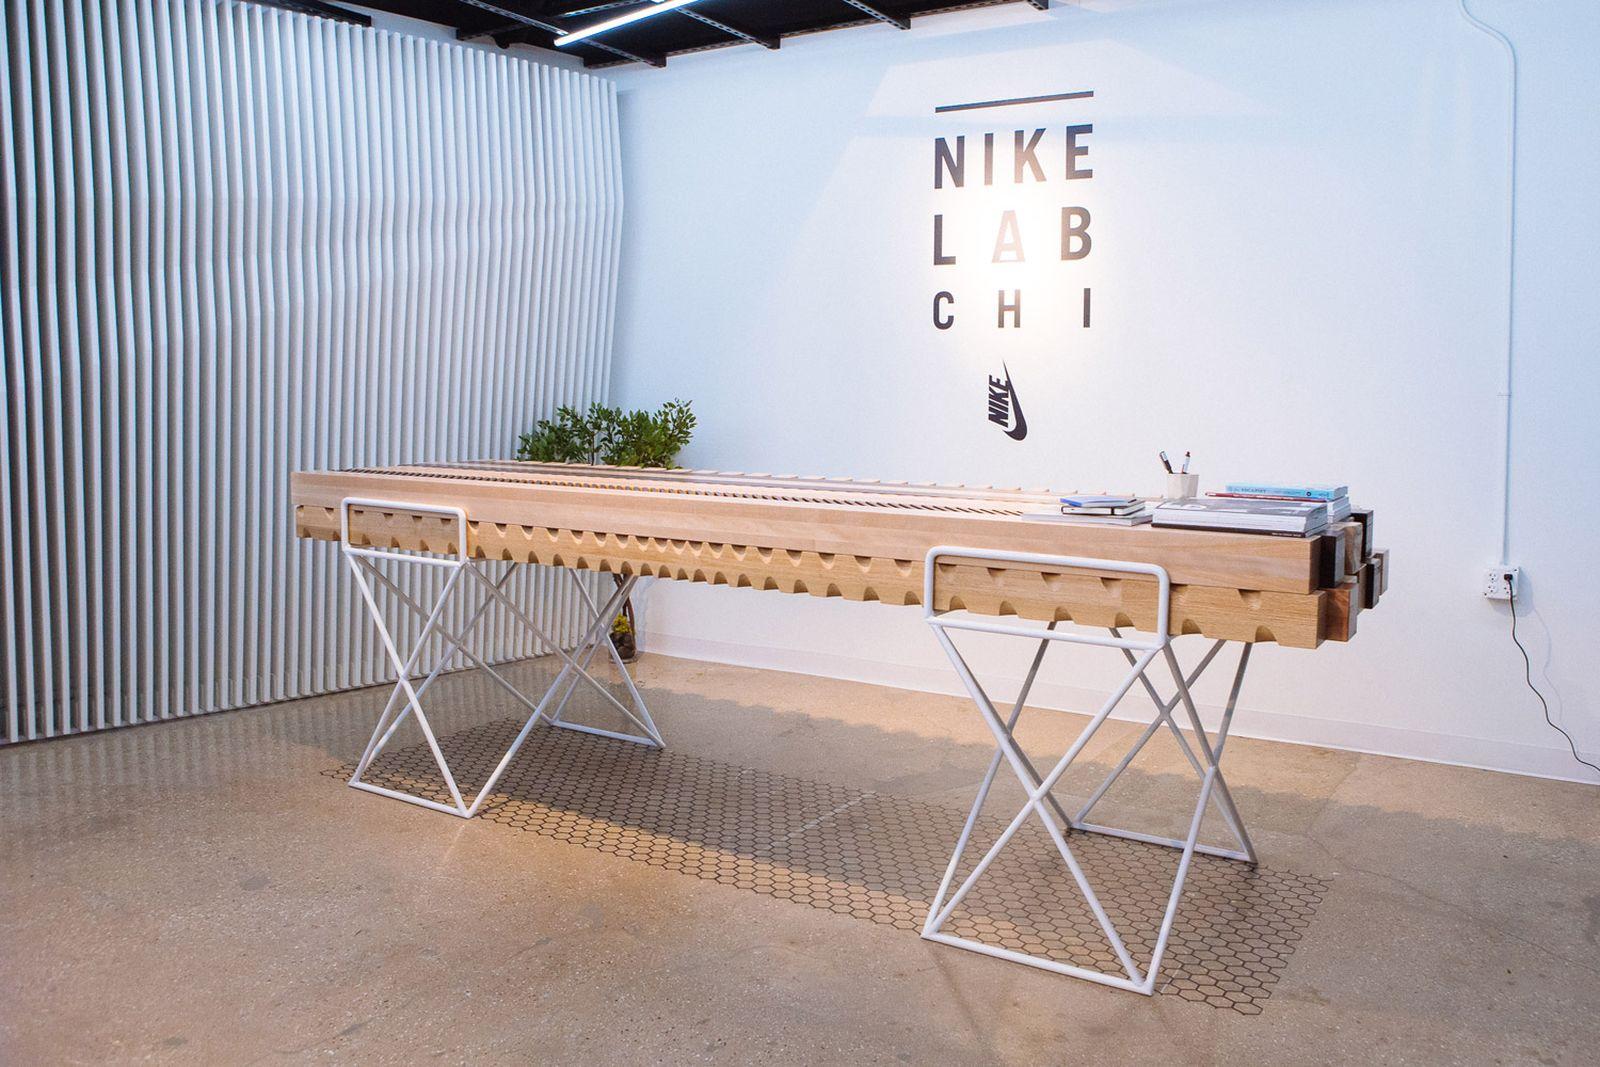 Nike-Lab-Chicago-Highsnobiety-10